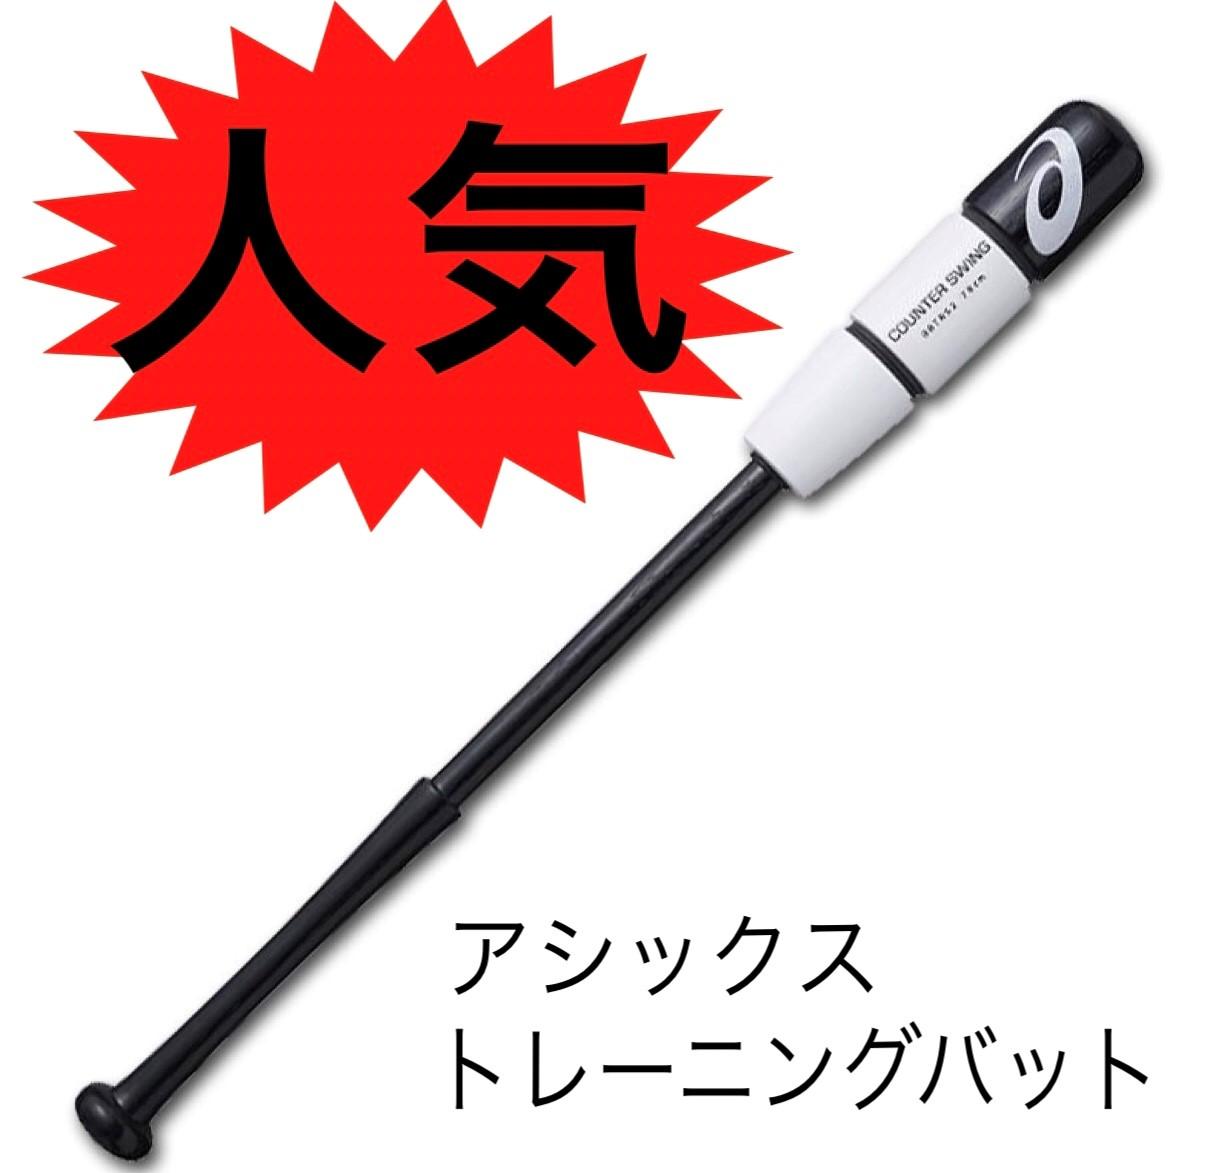 アシックストレーニングバット【カウンタースイング】COUNTERSWING野球